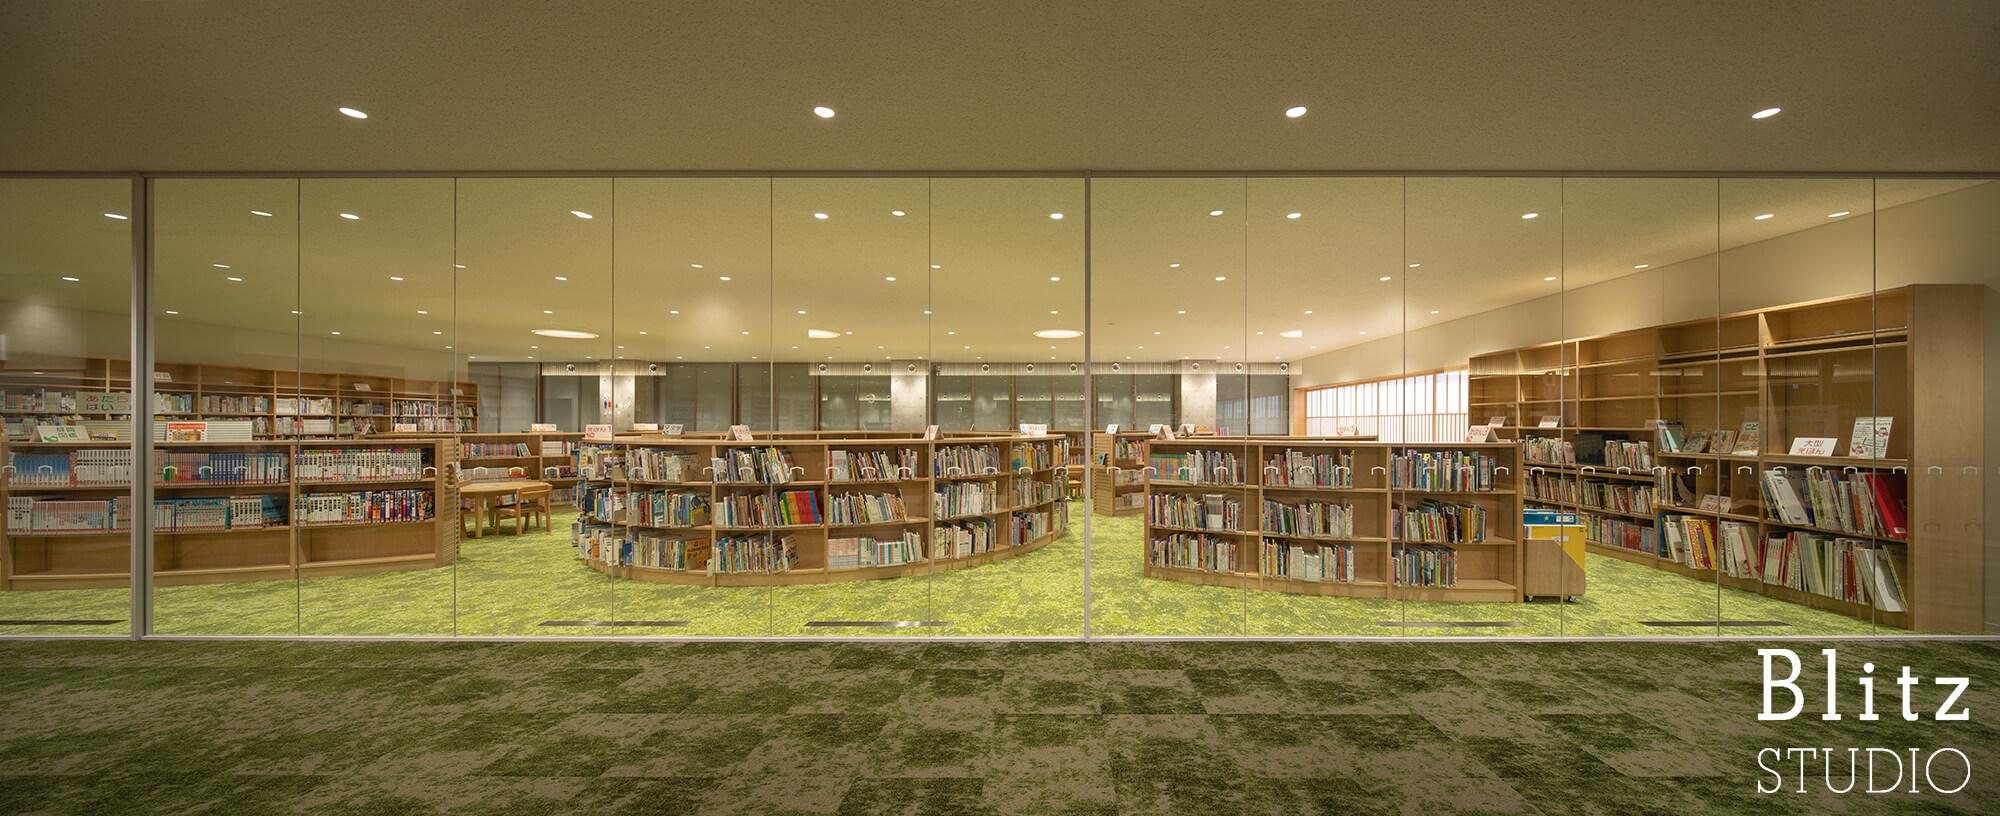 『豊後大野市立図書館』建築写真・竣工写真・インテリア写真17